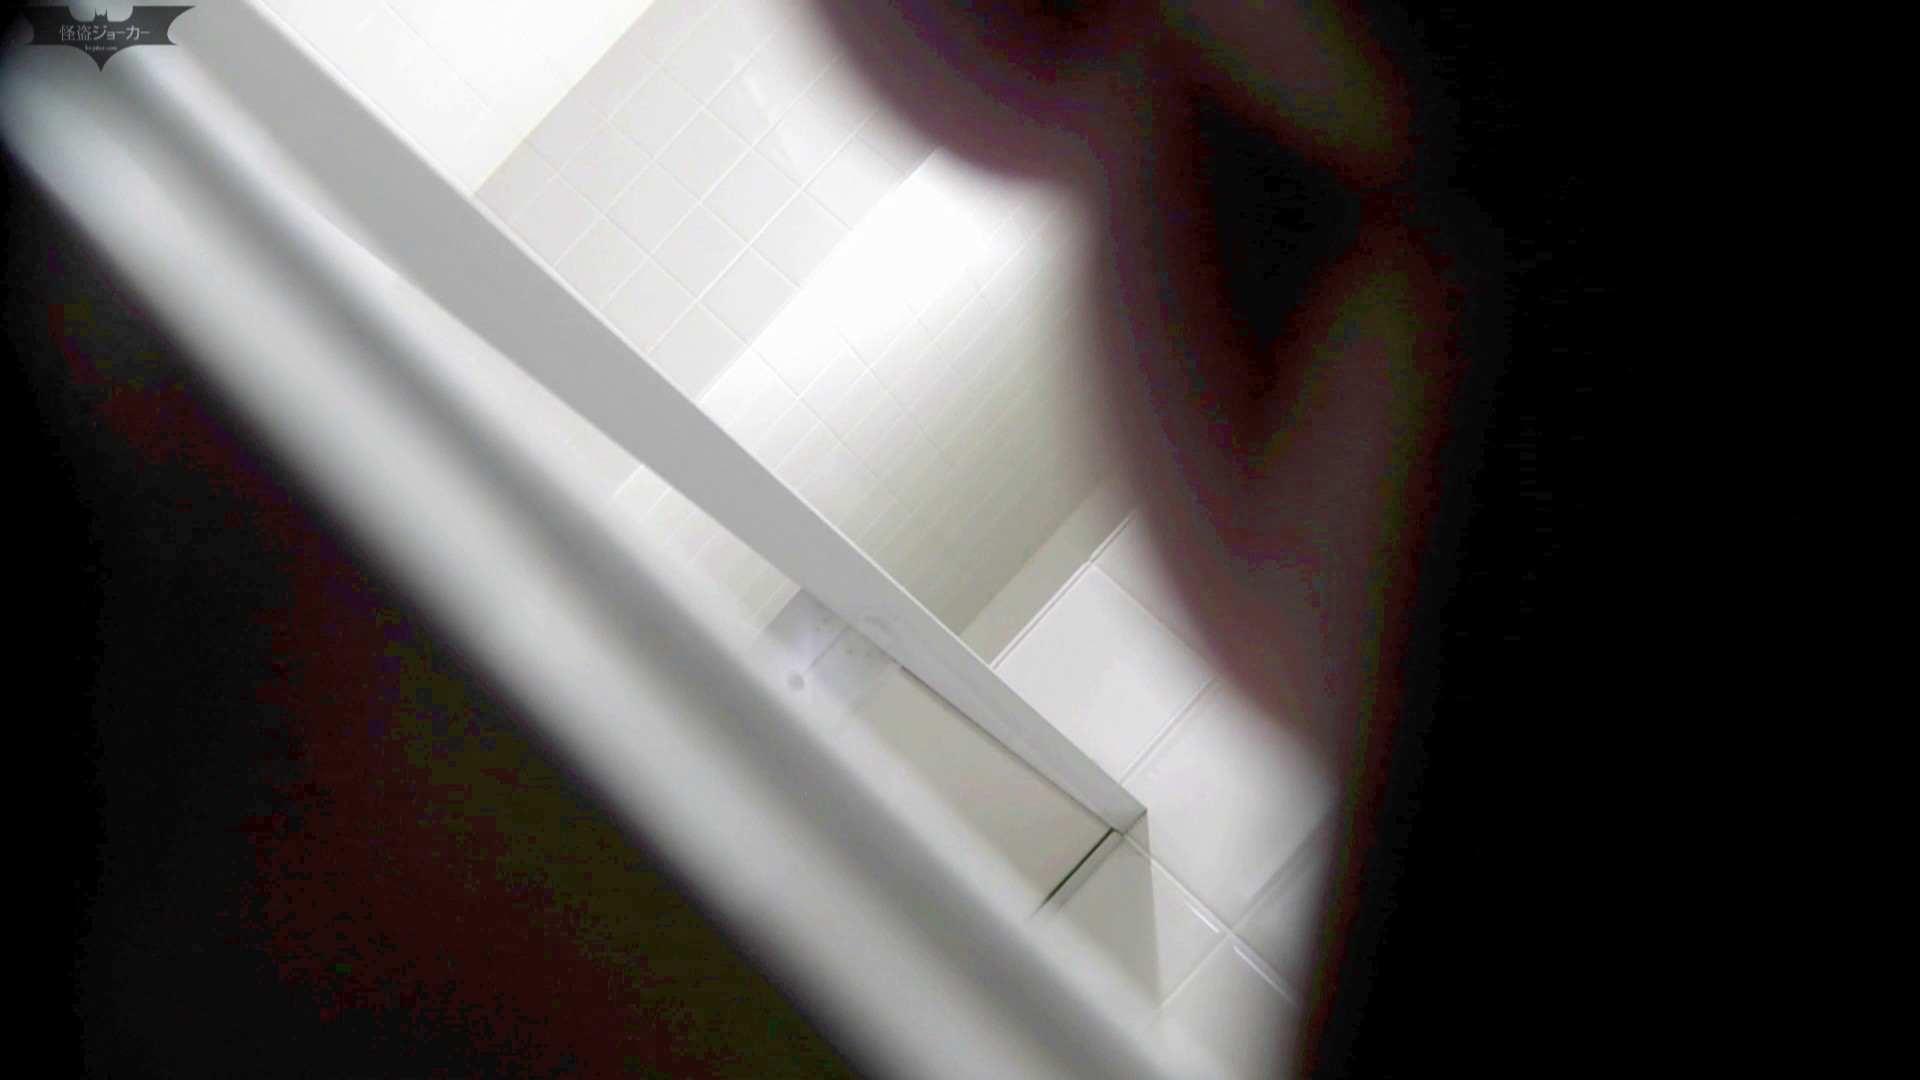 お銀 vol.68 無謀に通路に飛び出て一番明るいフロント撮り実現、見所満載 美人   洗面所  105pic 103